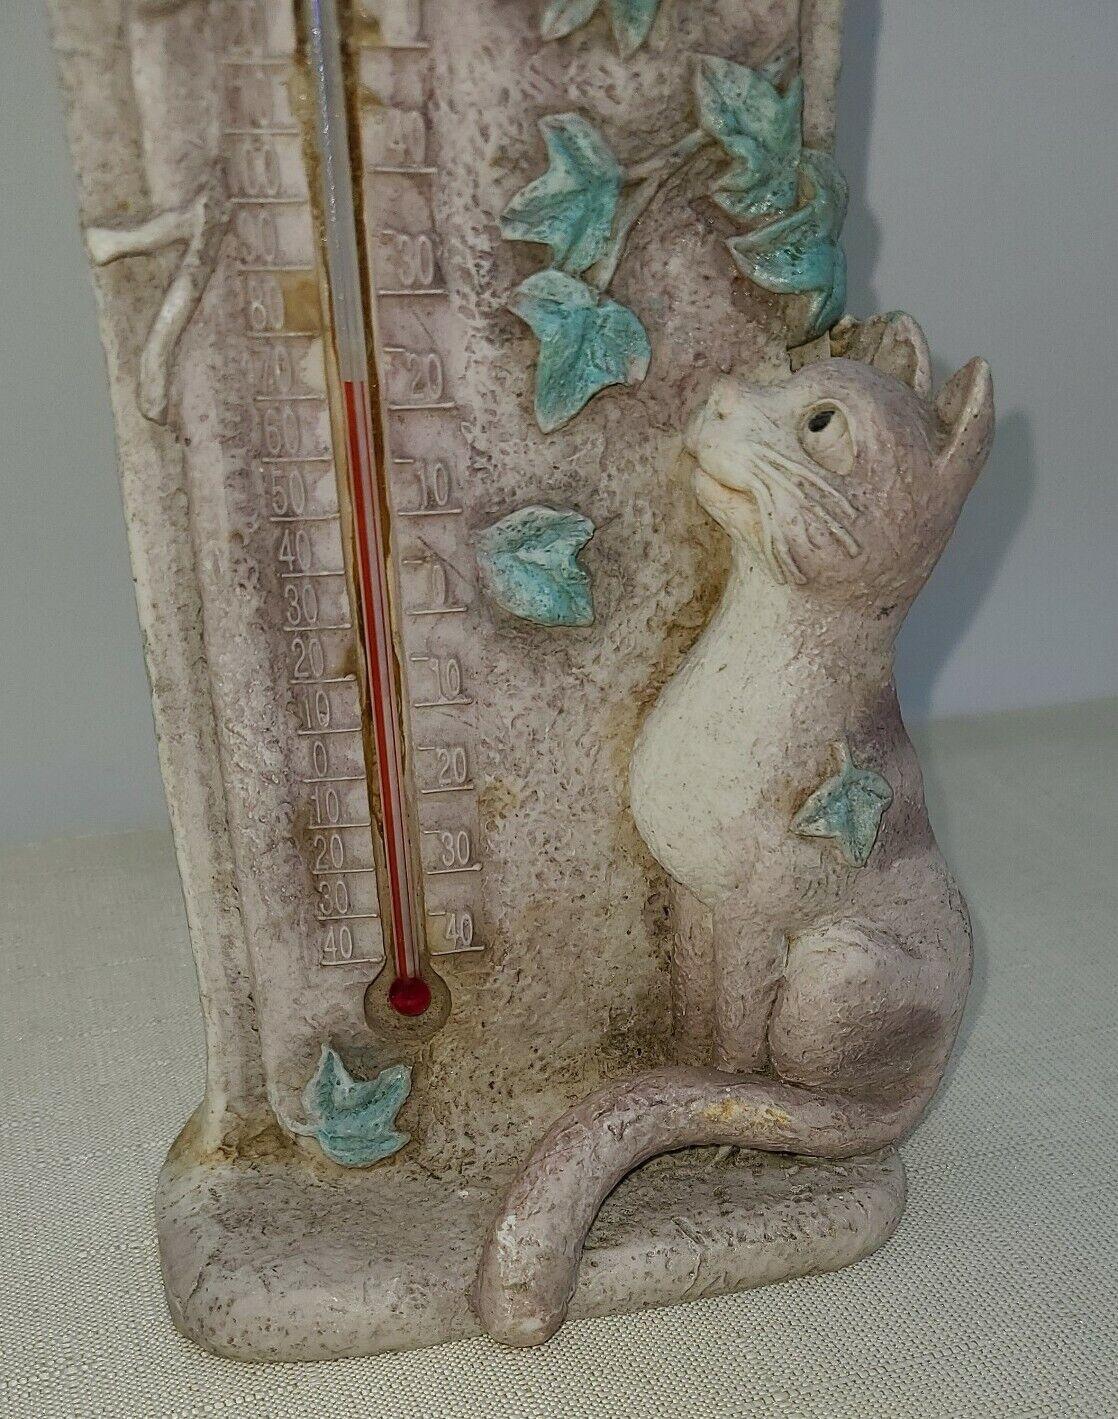 Cat & Bird Indoor/Outdoor Thermometer Resin 8.5